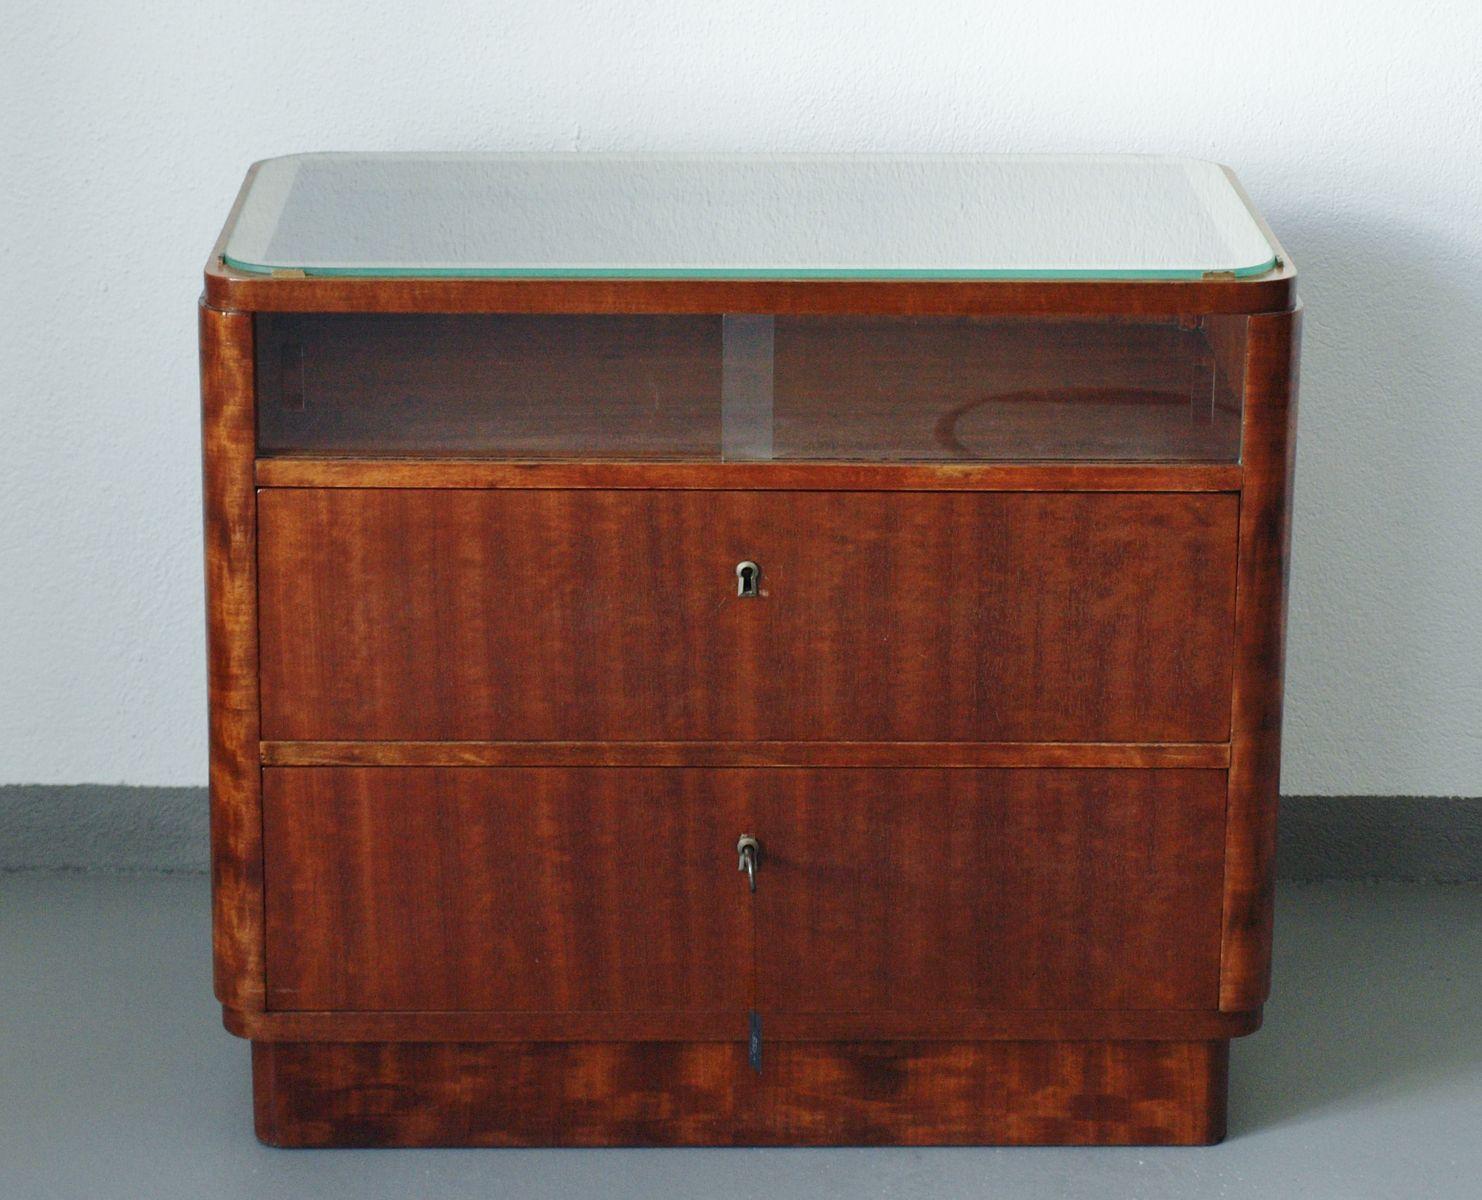 deutsche art deco walnuss kommode 1935 bei pamono kaufen. Black Bedroom Furniture Sets. Home Design Ideas